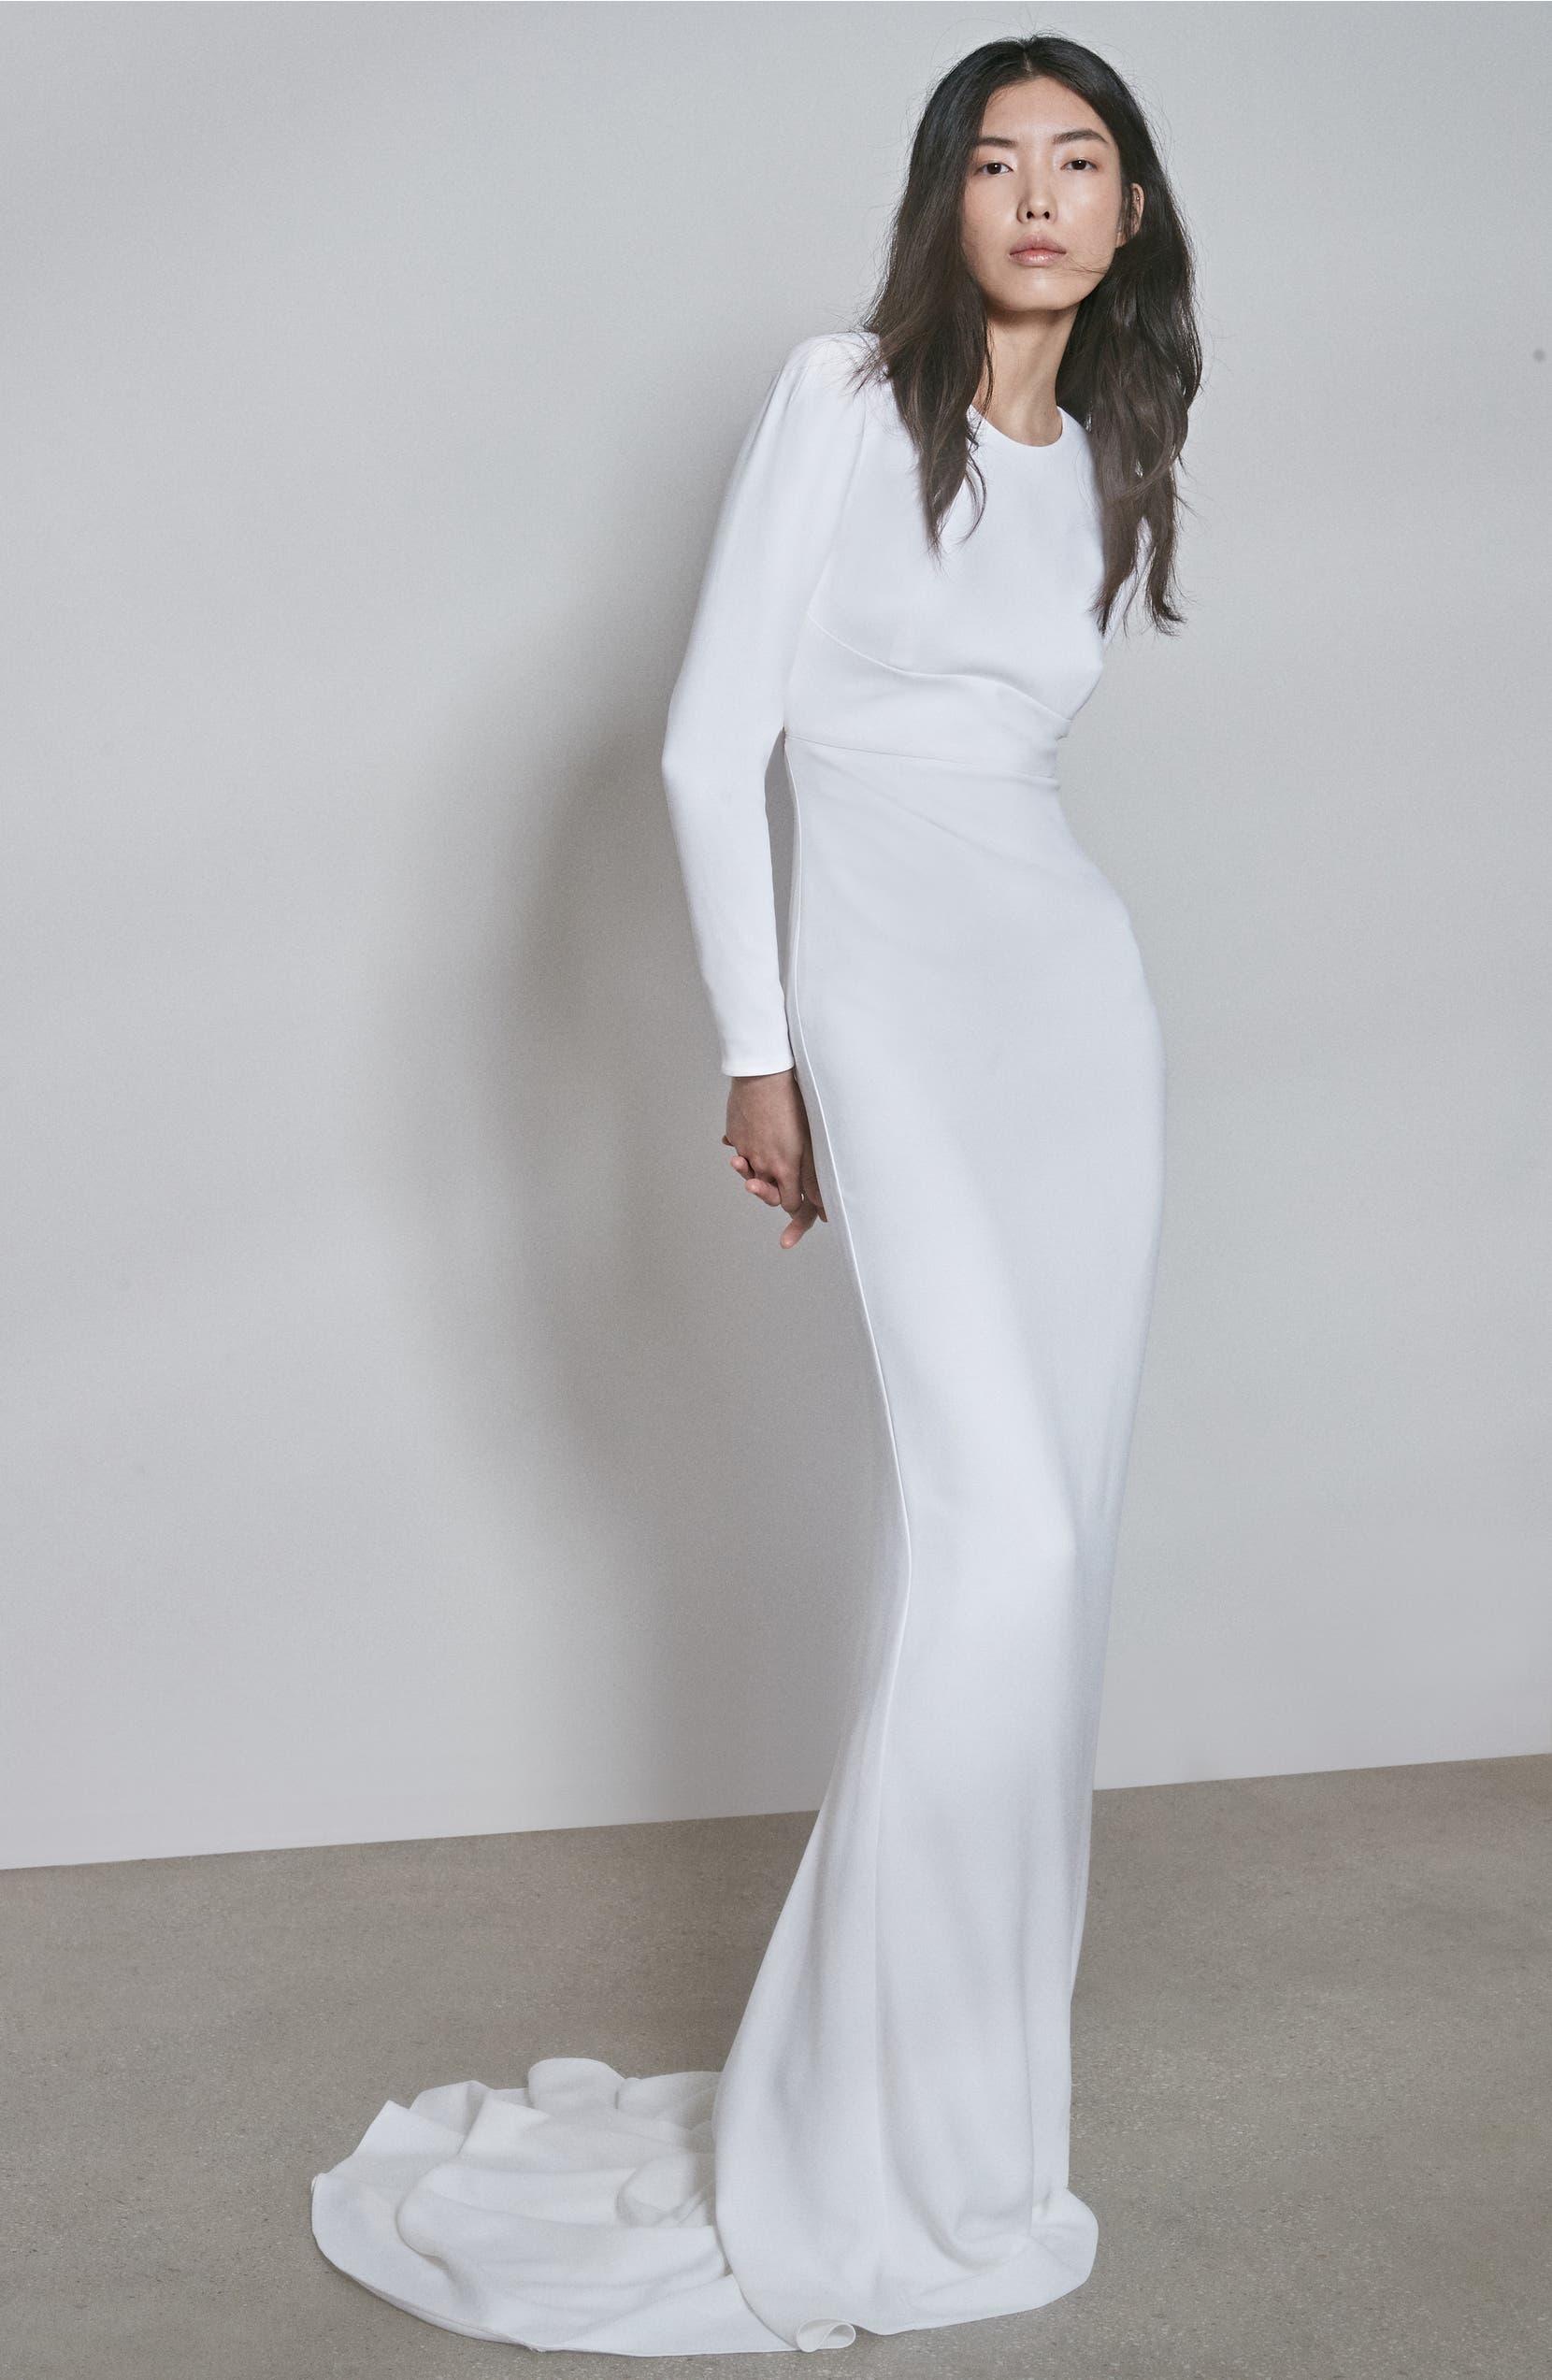 fc0ef0570f Stella McCartney F18 Ruby Long Sleeve Cutout Wedding Dress | Nordstrom